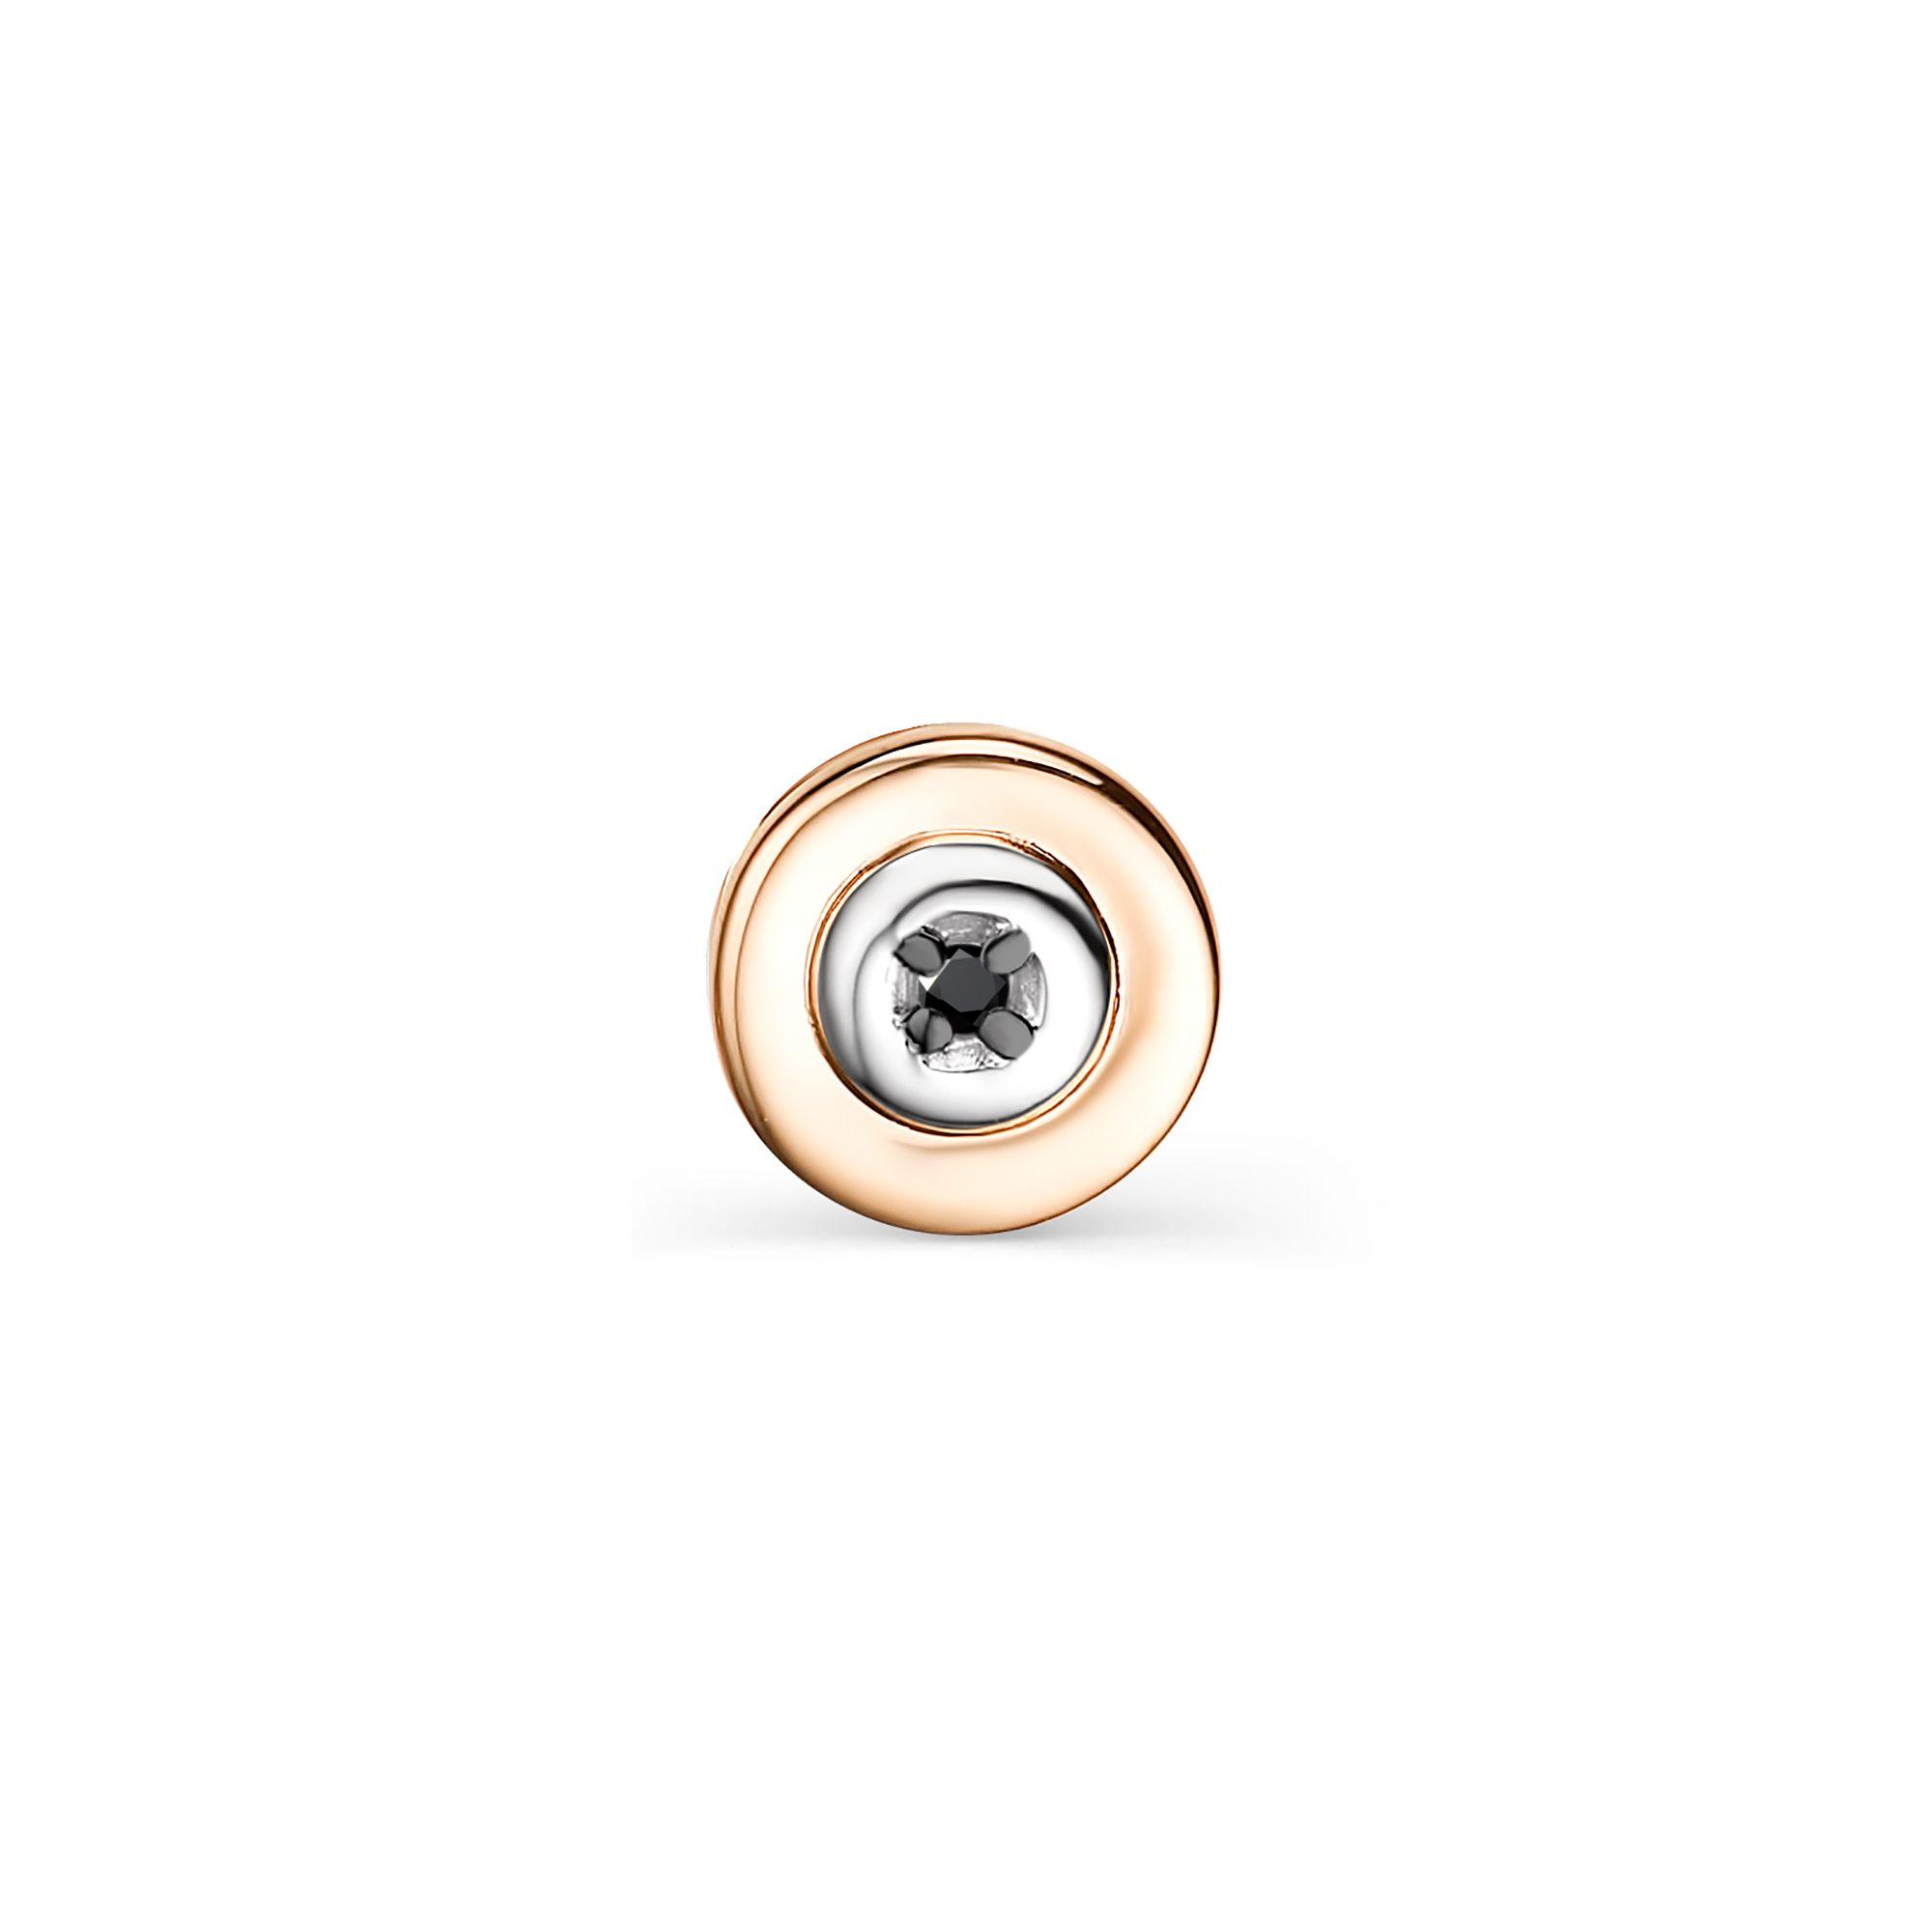 картинка подвеска 33774-113 1 бриллиант черный круг 57 0,004 200-400 7/9а 33774-113